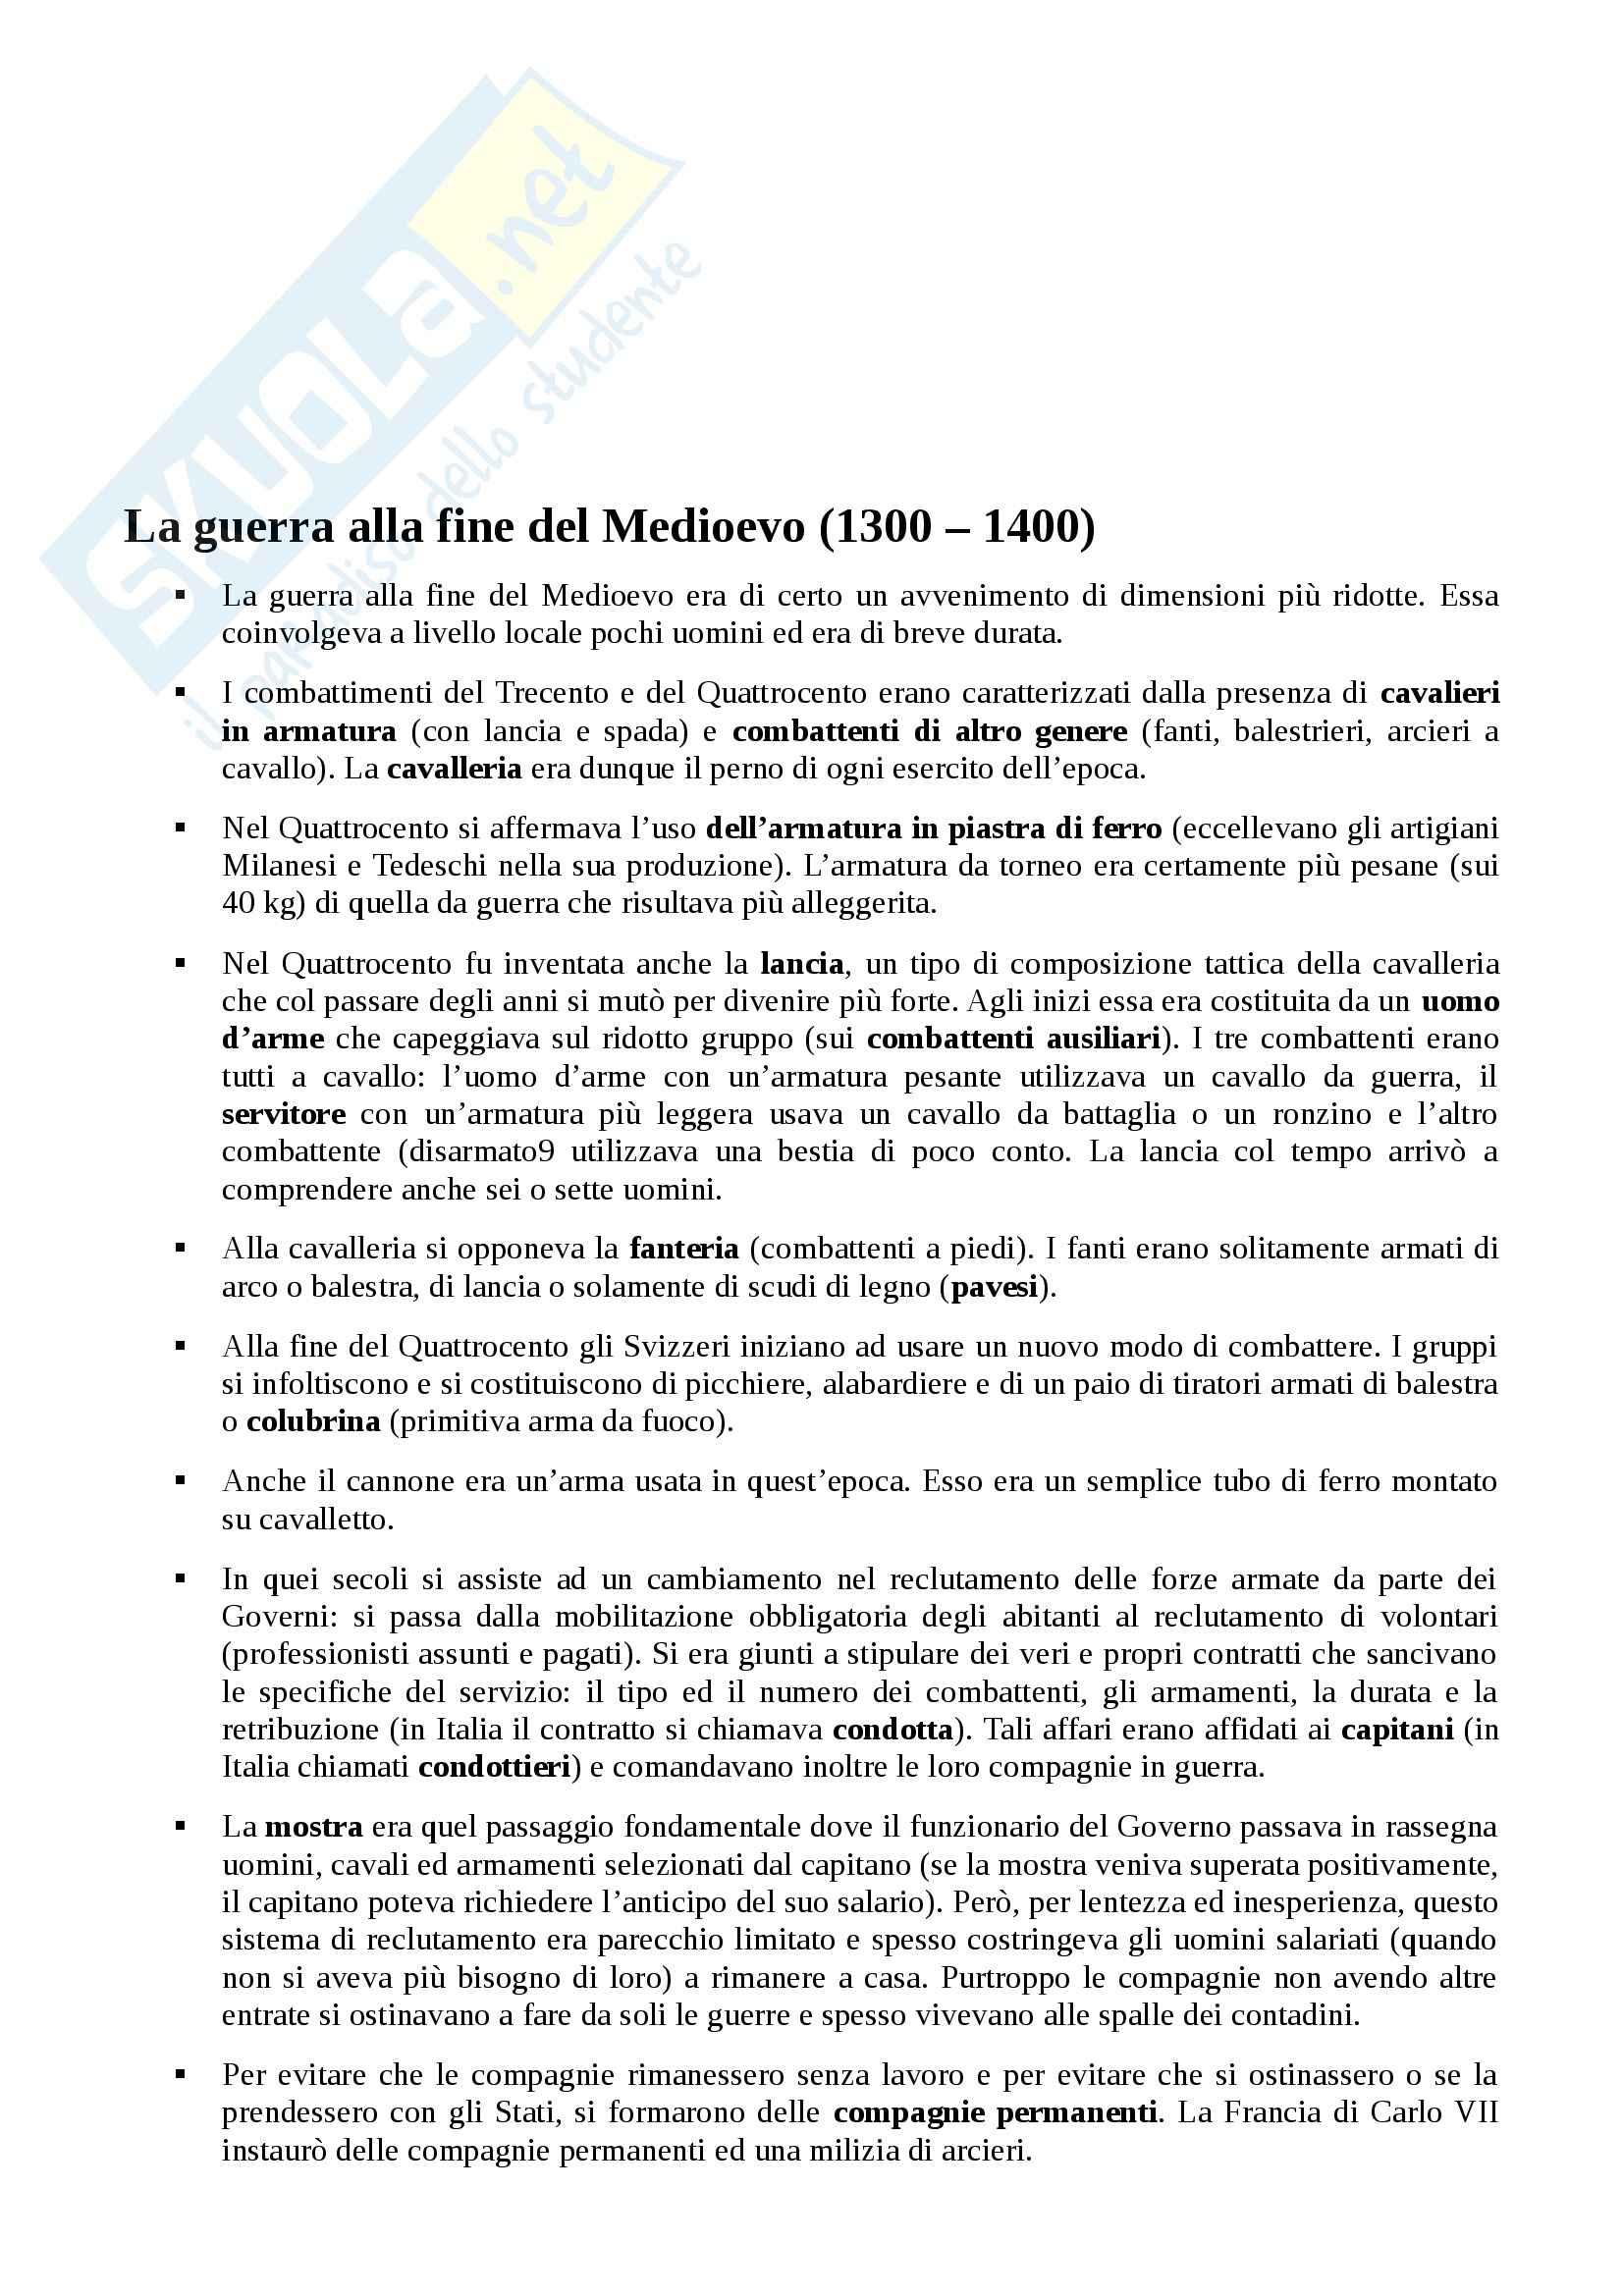 Riassunto esame Storia moderna, prof. Bitossi, libro consigliato La guerra in Europa dal Rinascimento a Napoleone, Barbero